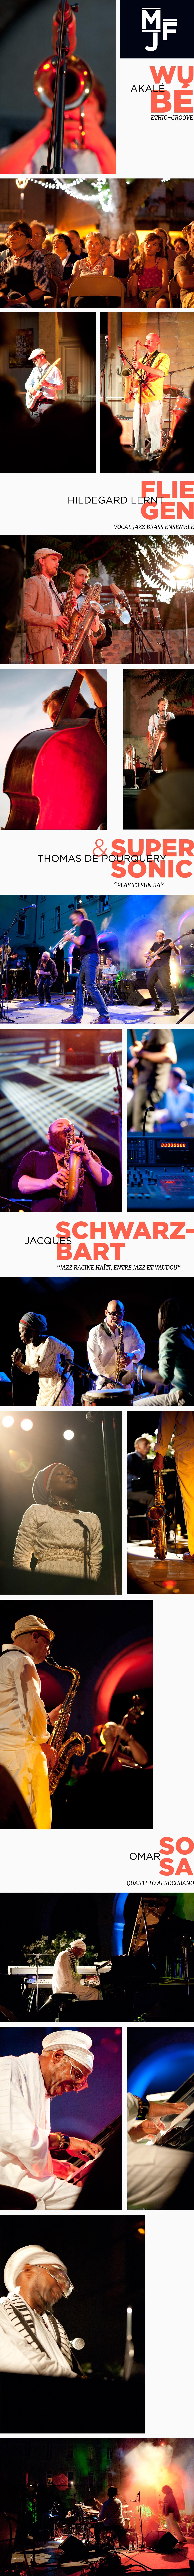 millau jazz toute l'énergie du festival